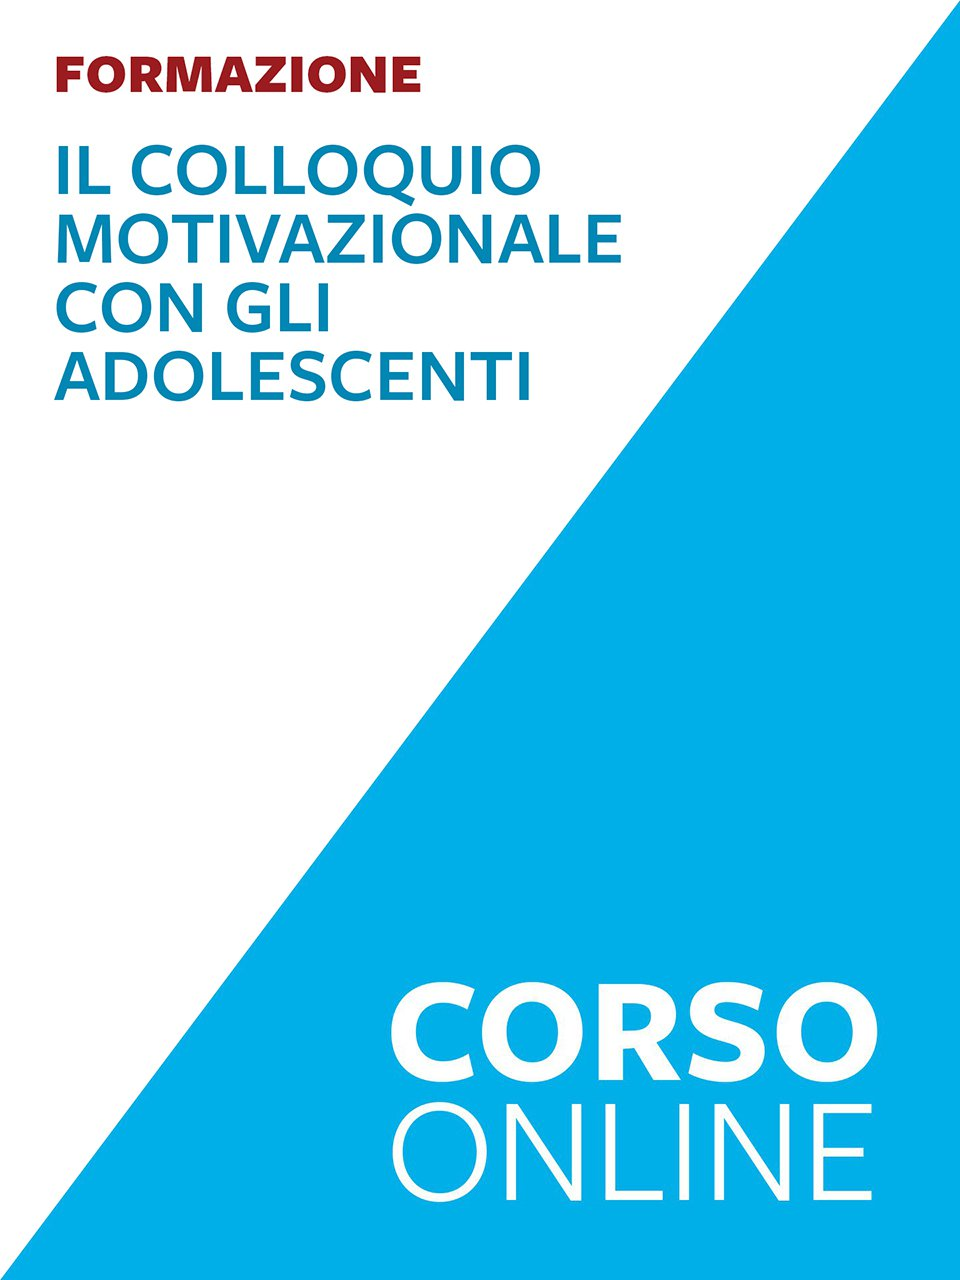 Il Colloquio motivazionale con gli adolescenti - corso formazione - La Comunità Terapeutica nella società delle dipend - Libri - Erickson